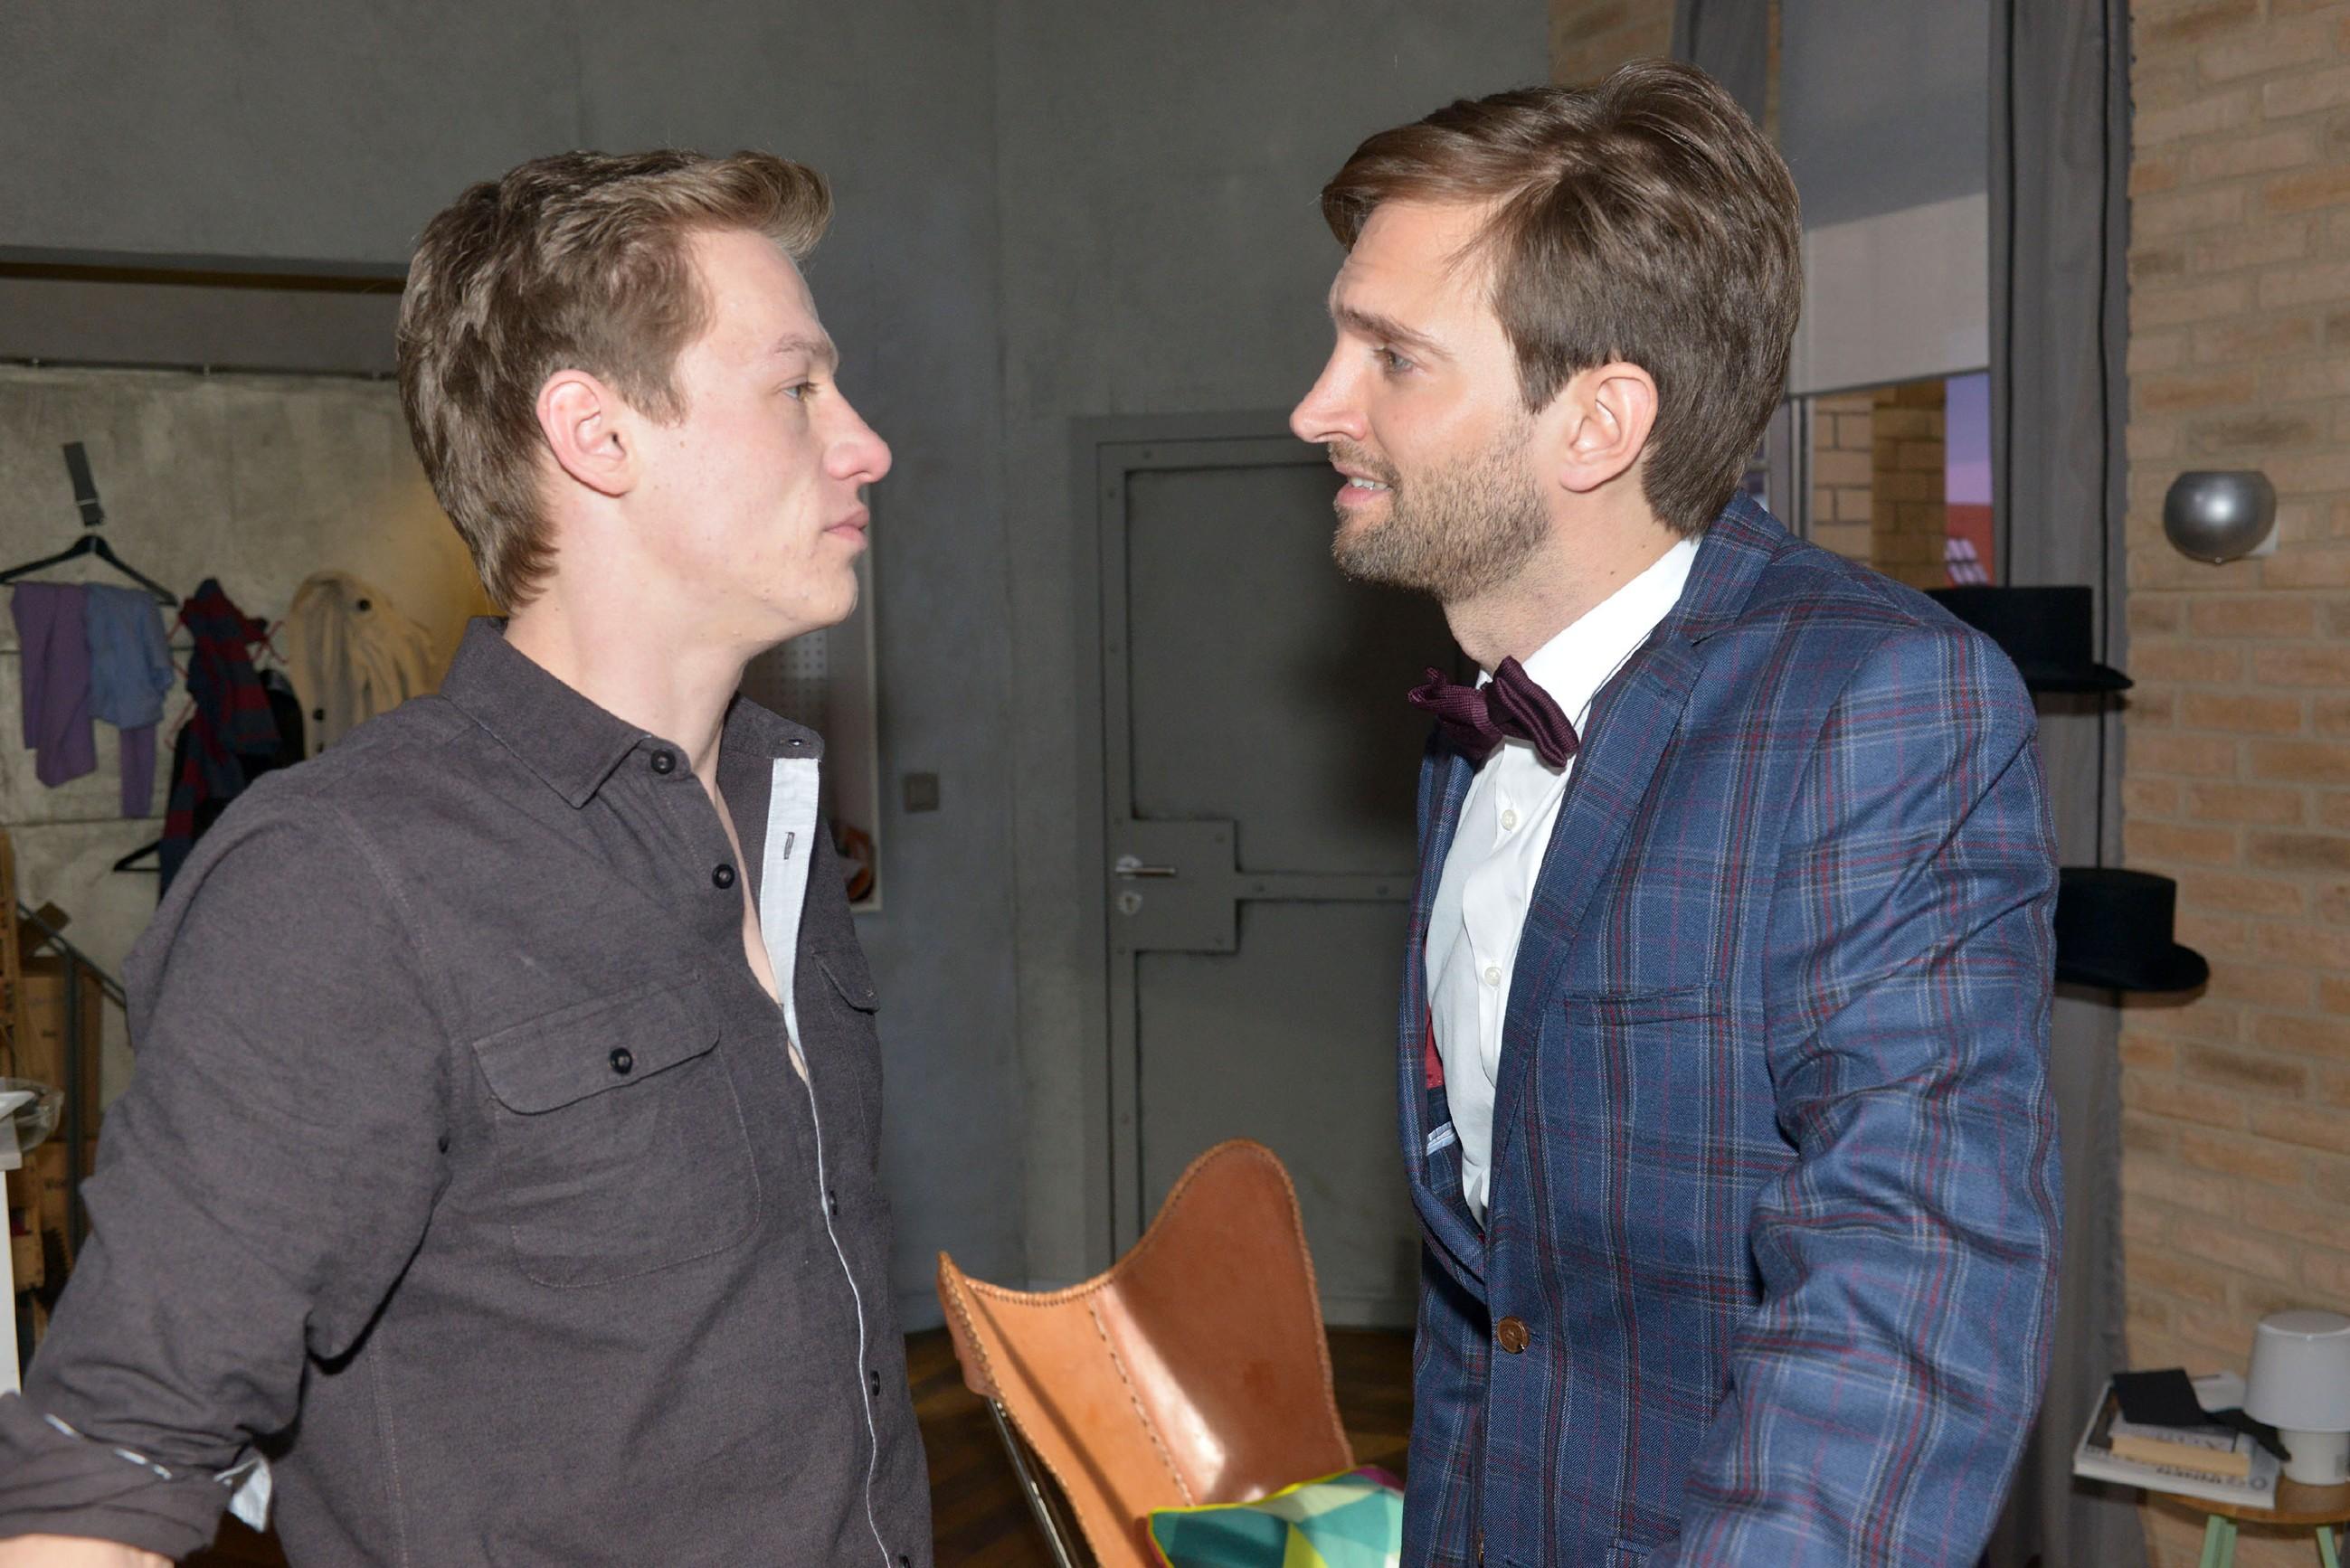 Vince (Vincent Krüger, l.) ist beleidigt, aals Julius (Benjamin Bieber) von ihm als Koch mehr Kreativität einfordert.